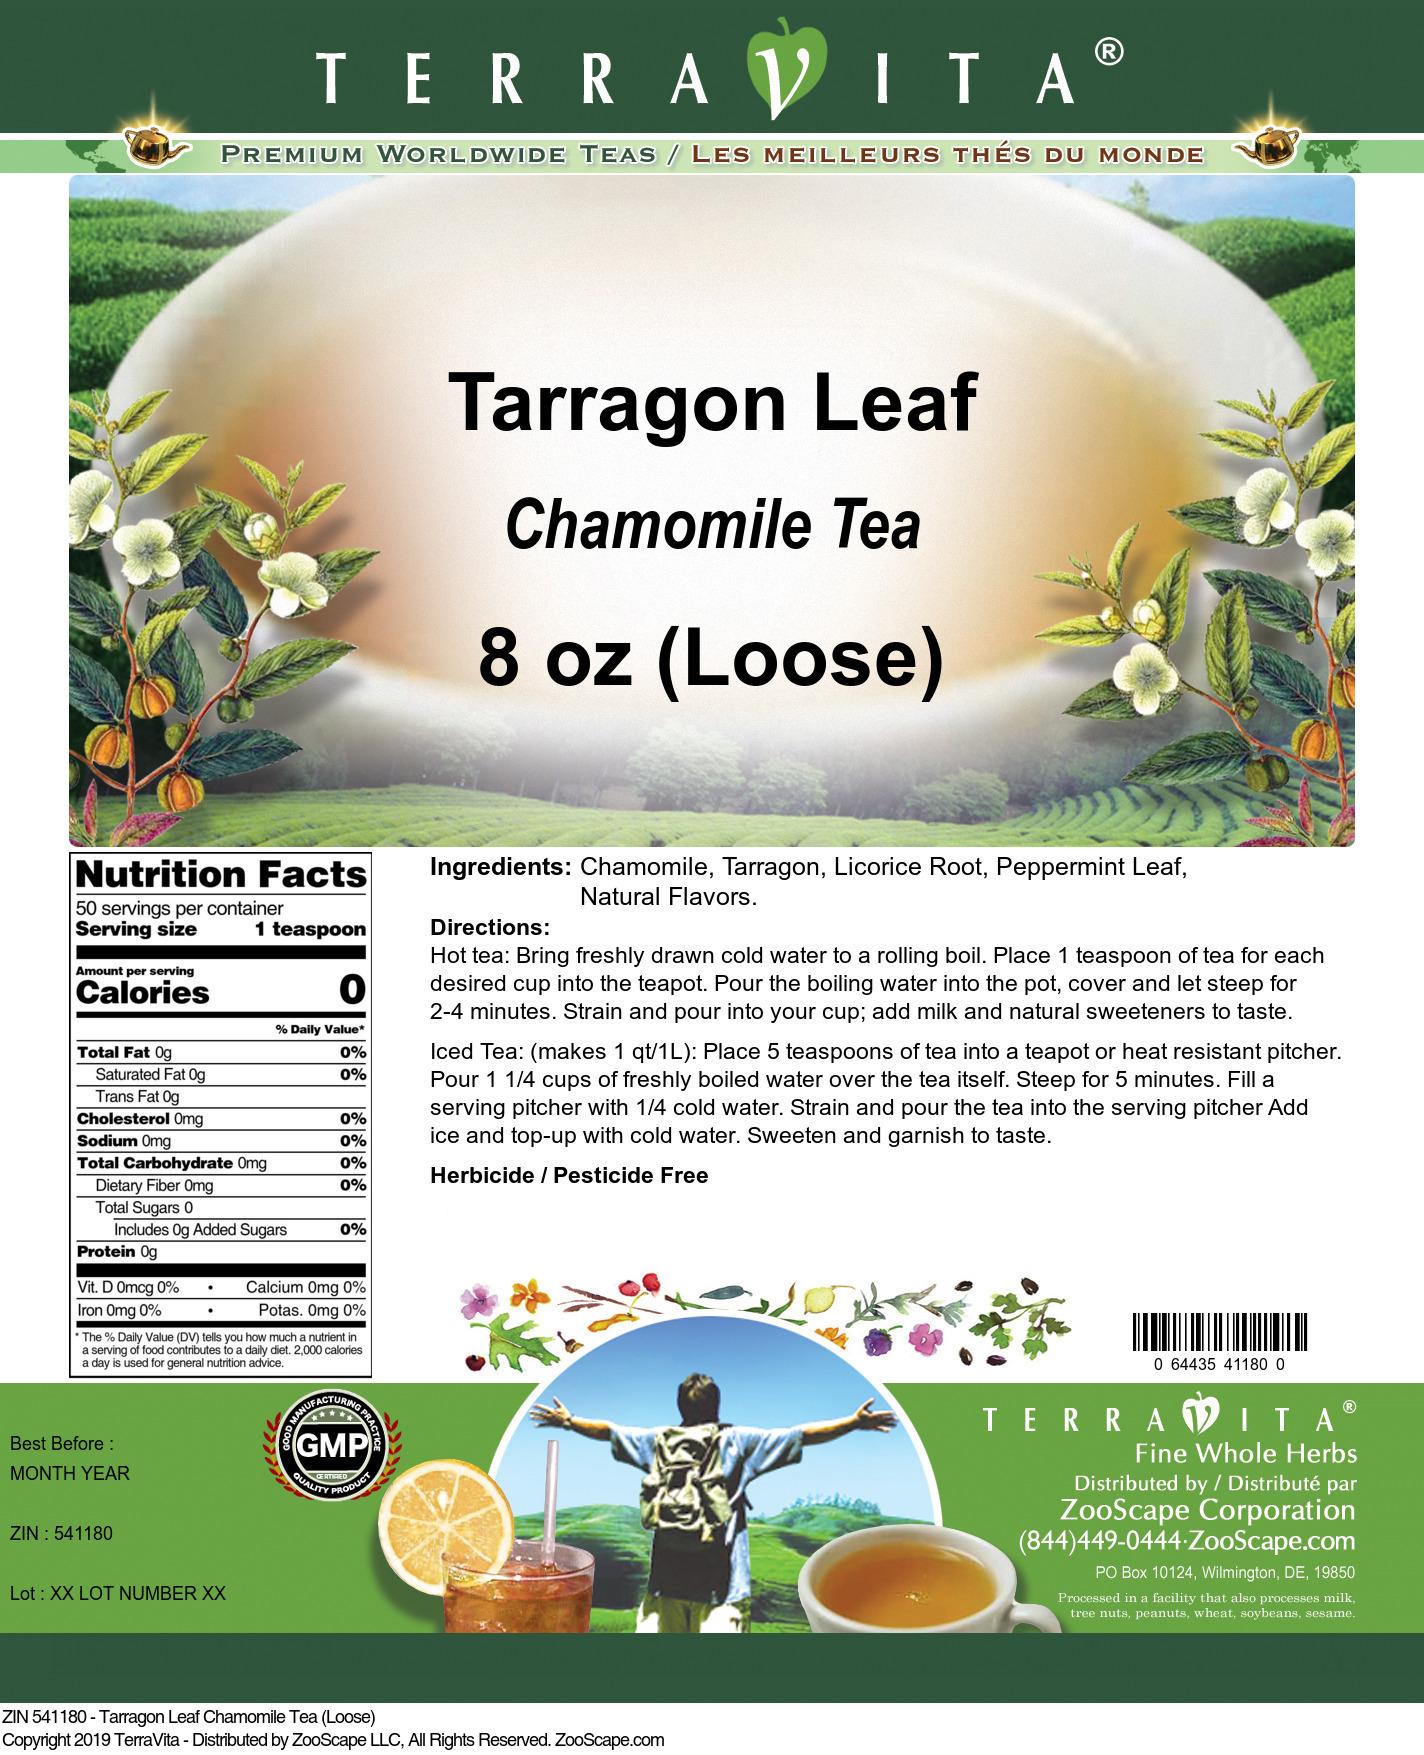 Tarragon Leaf Chamomile Tea (Loose)